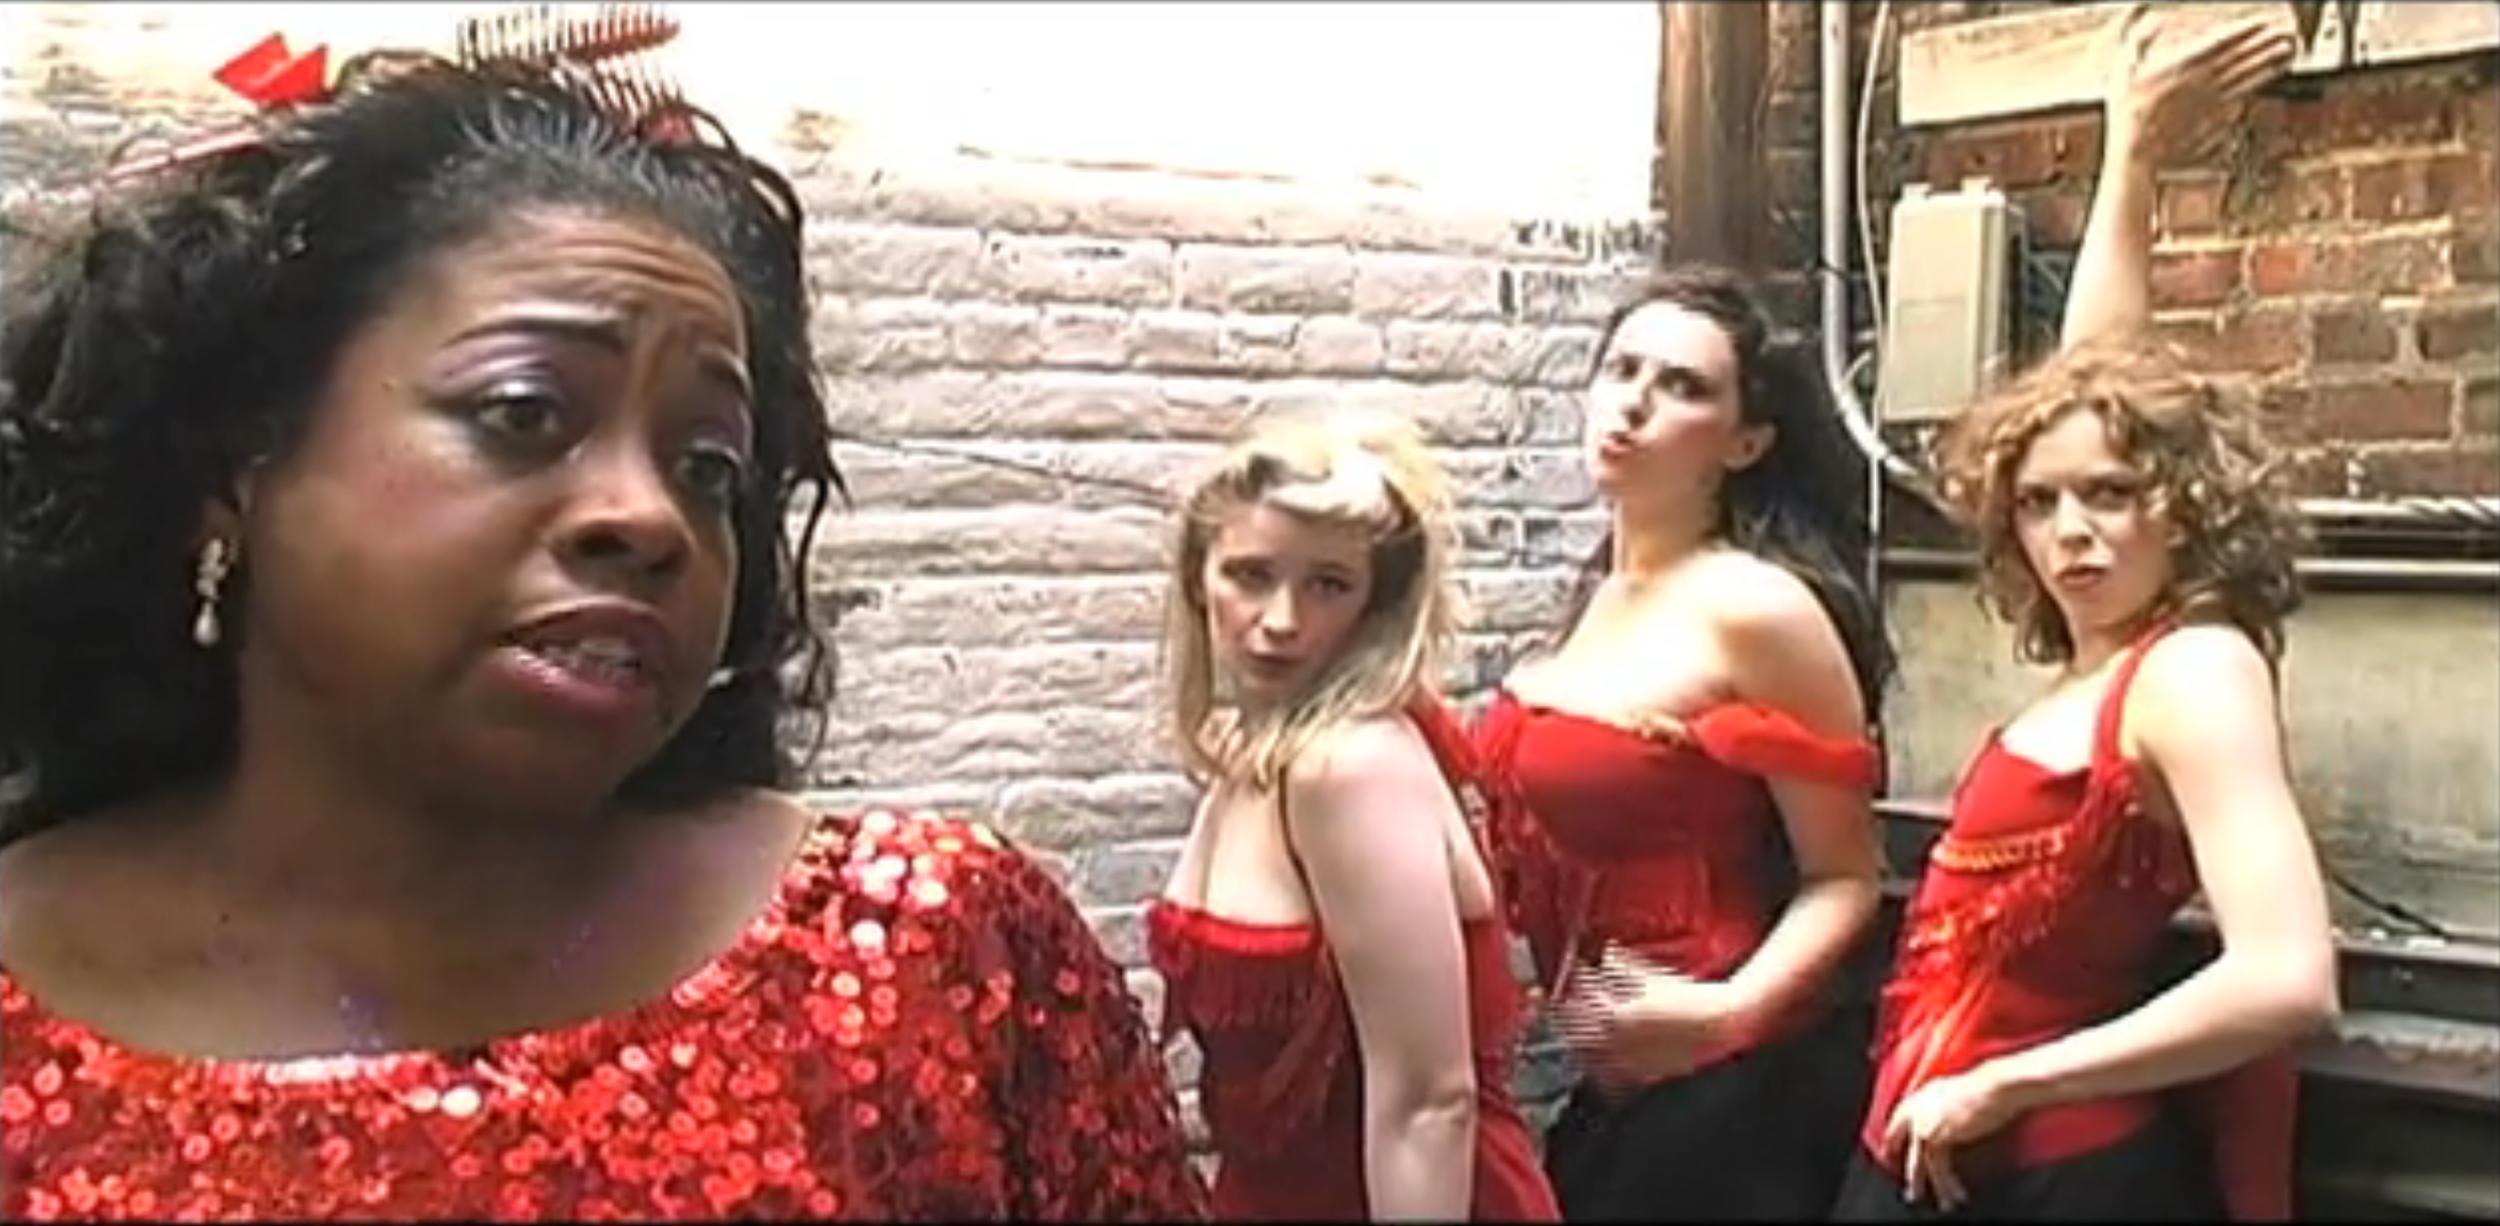 Cheryl Monroe tells Varna about Inner Beauty